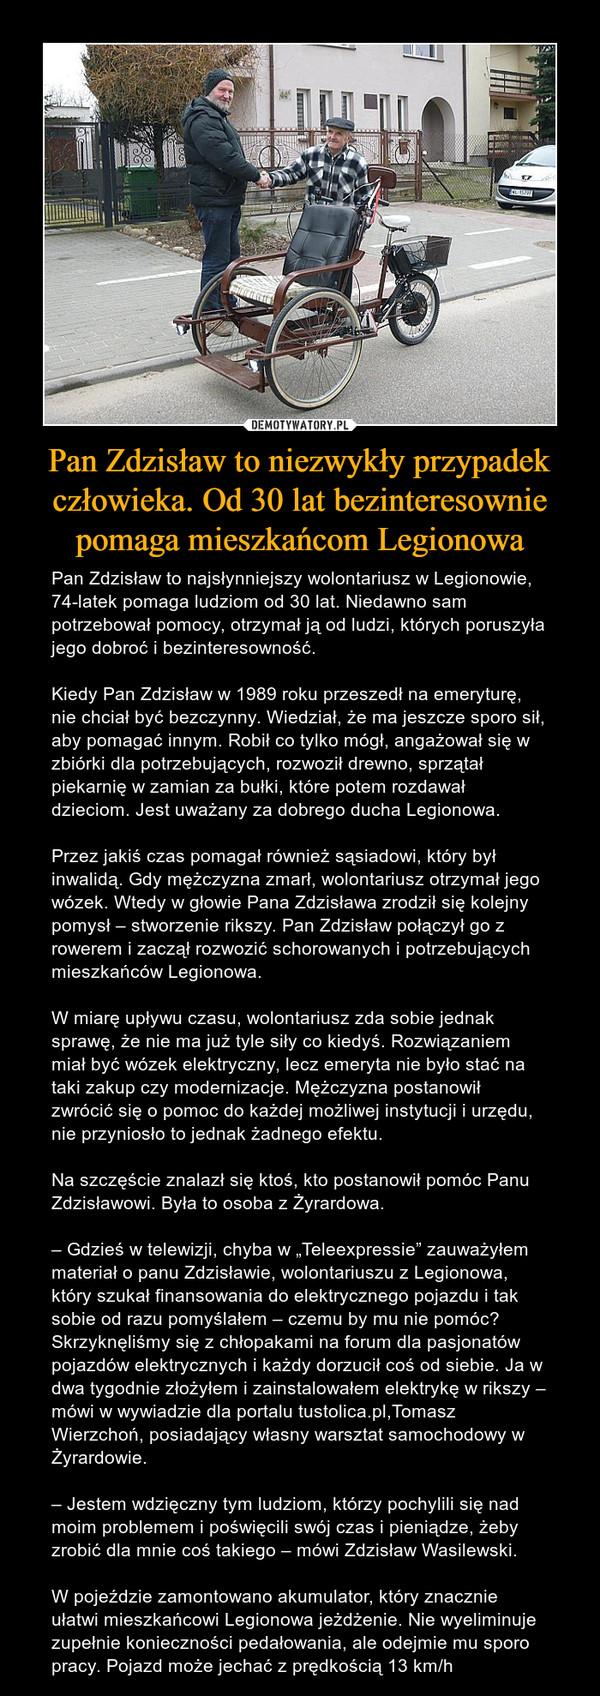 """Pan Zdzisław to niezwykły przypadek człowieka. Od 30 lat bezinteresownie pomaga mieszkańcom Legionowa – Pan Zdzisław to najsłynniejszy wolontariusz w Legionowie, 74-latek pomaga ludziom od 30 lat. Niedawno sam potrzebował pomocy, otrzymał ją od ludzi, których poruszyła jego dobroć i bezinteresowność.Kiedy Pan Zdzisław w 1989 roku przeszedł na emeryturę, nie chciał być bezczynny. Wiedział, że ma jeszcze sporo sił, aby pomagać innym. Robił co tylko mógł, angażował się w zbiórki dla potrzebujących, rozwoził drewno, sprzątał piekarnię w zamian za bułki, które potem rozdawał dzieciom. Jest uważany za dobrego ducha Legionowa.Przez jakiś czas pomagał również sąsiadowi, który był inwalidą. Gdy mężczyzna zmarł, wolontariusz otrzymał jego wózek. Wtedy w głowie Pana Zdzisława zrodził się kolejny pomysł – stworzenie rikszy. Pan Zdzisław połączył go z rowerem i zaczął rozwozić schorowanych i potrzebujących mieszkańców Legionowa.W miarę upływu czasu, wolontariusz zda sobie jednak sprawę, że nie ma już tyle siły co kiedyś. Rozwiązaniem miał być wózek elektryczny, lecz emeryta nie było stać na taki zakup czy modernizacje. Mężczyzna postanowił zwrócić się o pomoc do każdej możliwej instytucji i urzędu, nie przyniosło to jednak żadnego efektu.Na szczęście znalazł się ktoś, kto postanowił pomóc Panu Zdzisławowi. Była to osoba z Żyrardowa.– Gdzieś w telewizji, chyba w """"Teleexpressie"""" zauważyłem materiał o panu Zdzisławie, wolontariuszu z Legionowa, który szukał finansowania do elektrycznego pojazdu i tak sobie od razu pomyślałem – czemu by mu nie pomóc? Skrzyknęliśmy się z chłopakami na forum dla pasjonatów pojazdów elektrycznych i każdy dorzucił coś od siebie. Ja w dwa tygodnie złożyłem i zainstalowałem elektrykę w rikszy – mówi w wywiadzie dla portalu tustolica.pl,Tomasz Wierzchoń, posiadający własny warsztat samochodowy w Żyrardowie.– Jestem wdzięczny tym ludziom, którzy pochylili się nad moim problemem i poświęcili swój czas i pieniądze, żeby zrobić dla mnie coś takiego – mówi Zdzi"""